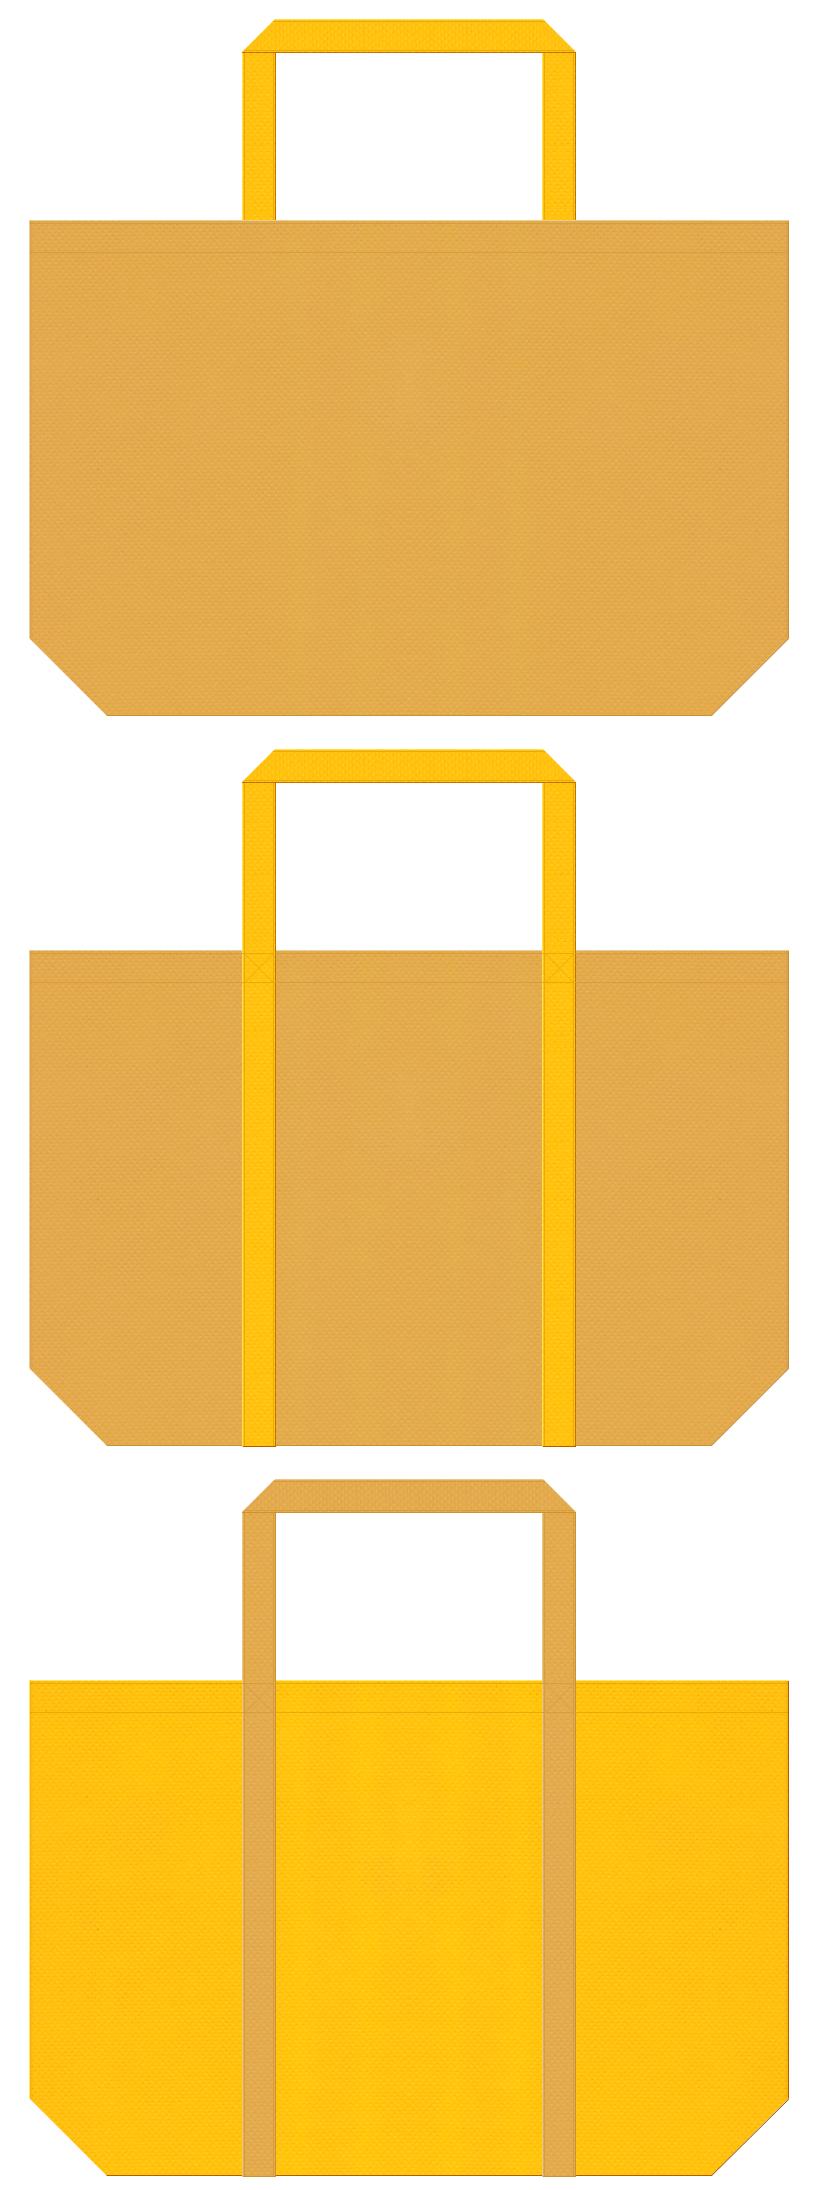 黄土色と黄色の不織布ショッピングバッグデザイン。マロンケーキ風の配色です。